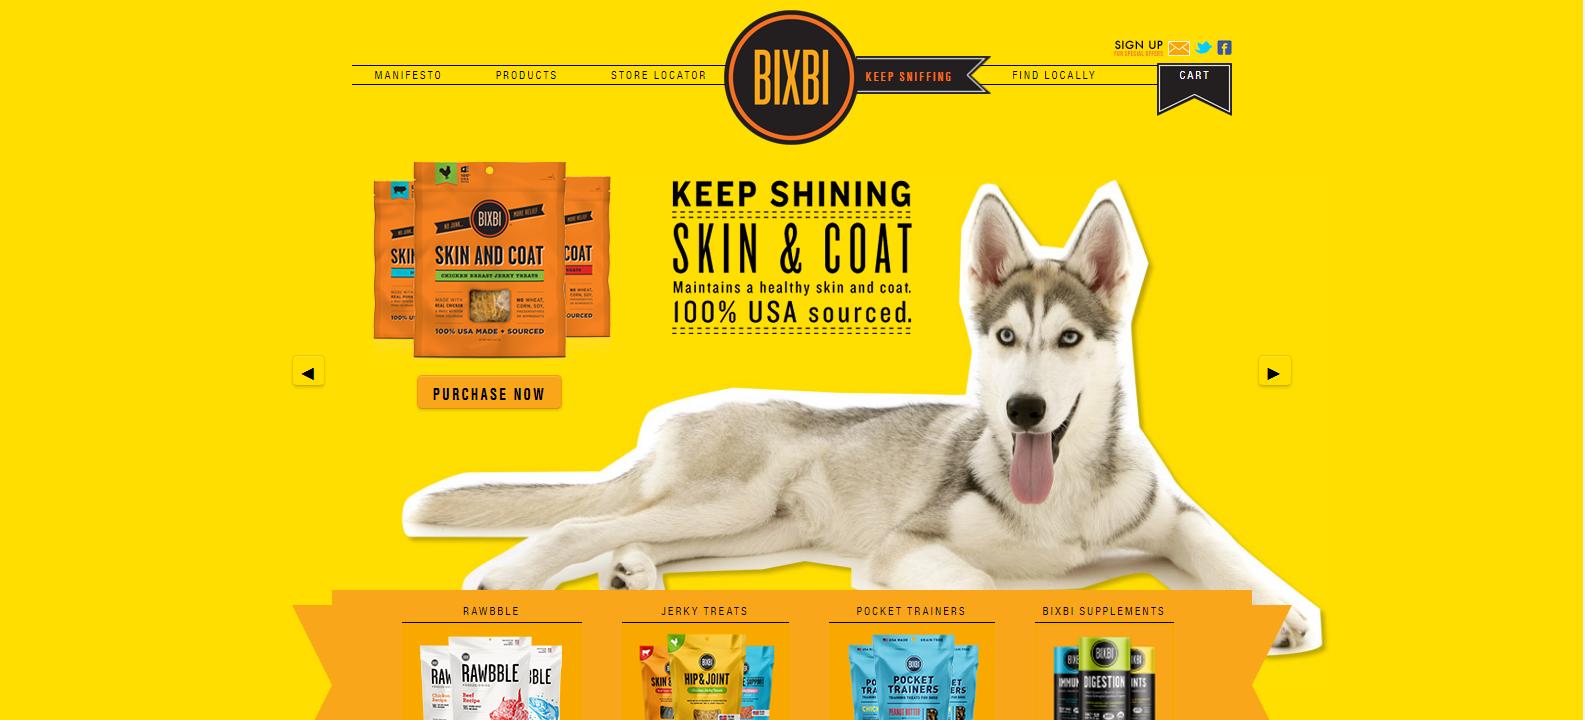 Хороший пример яркого сайта магазина с баннером Hero Image, который привлекает внимание к определенному продукту